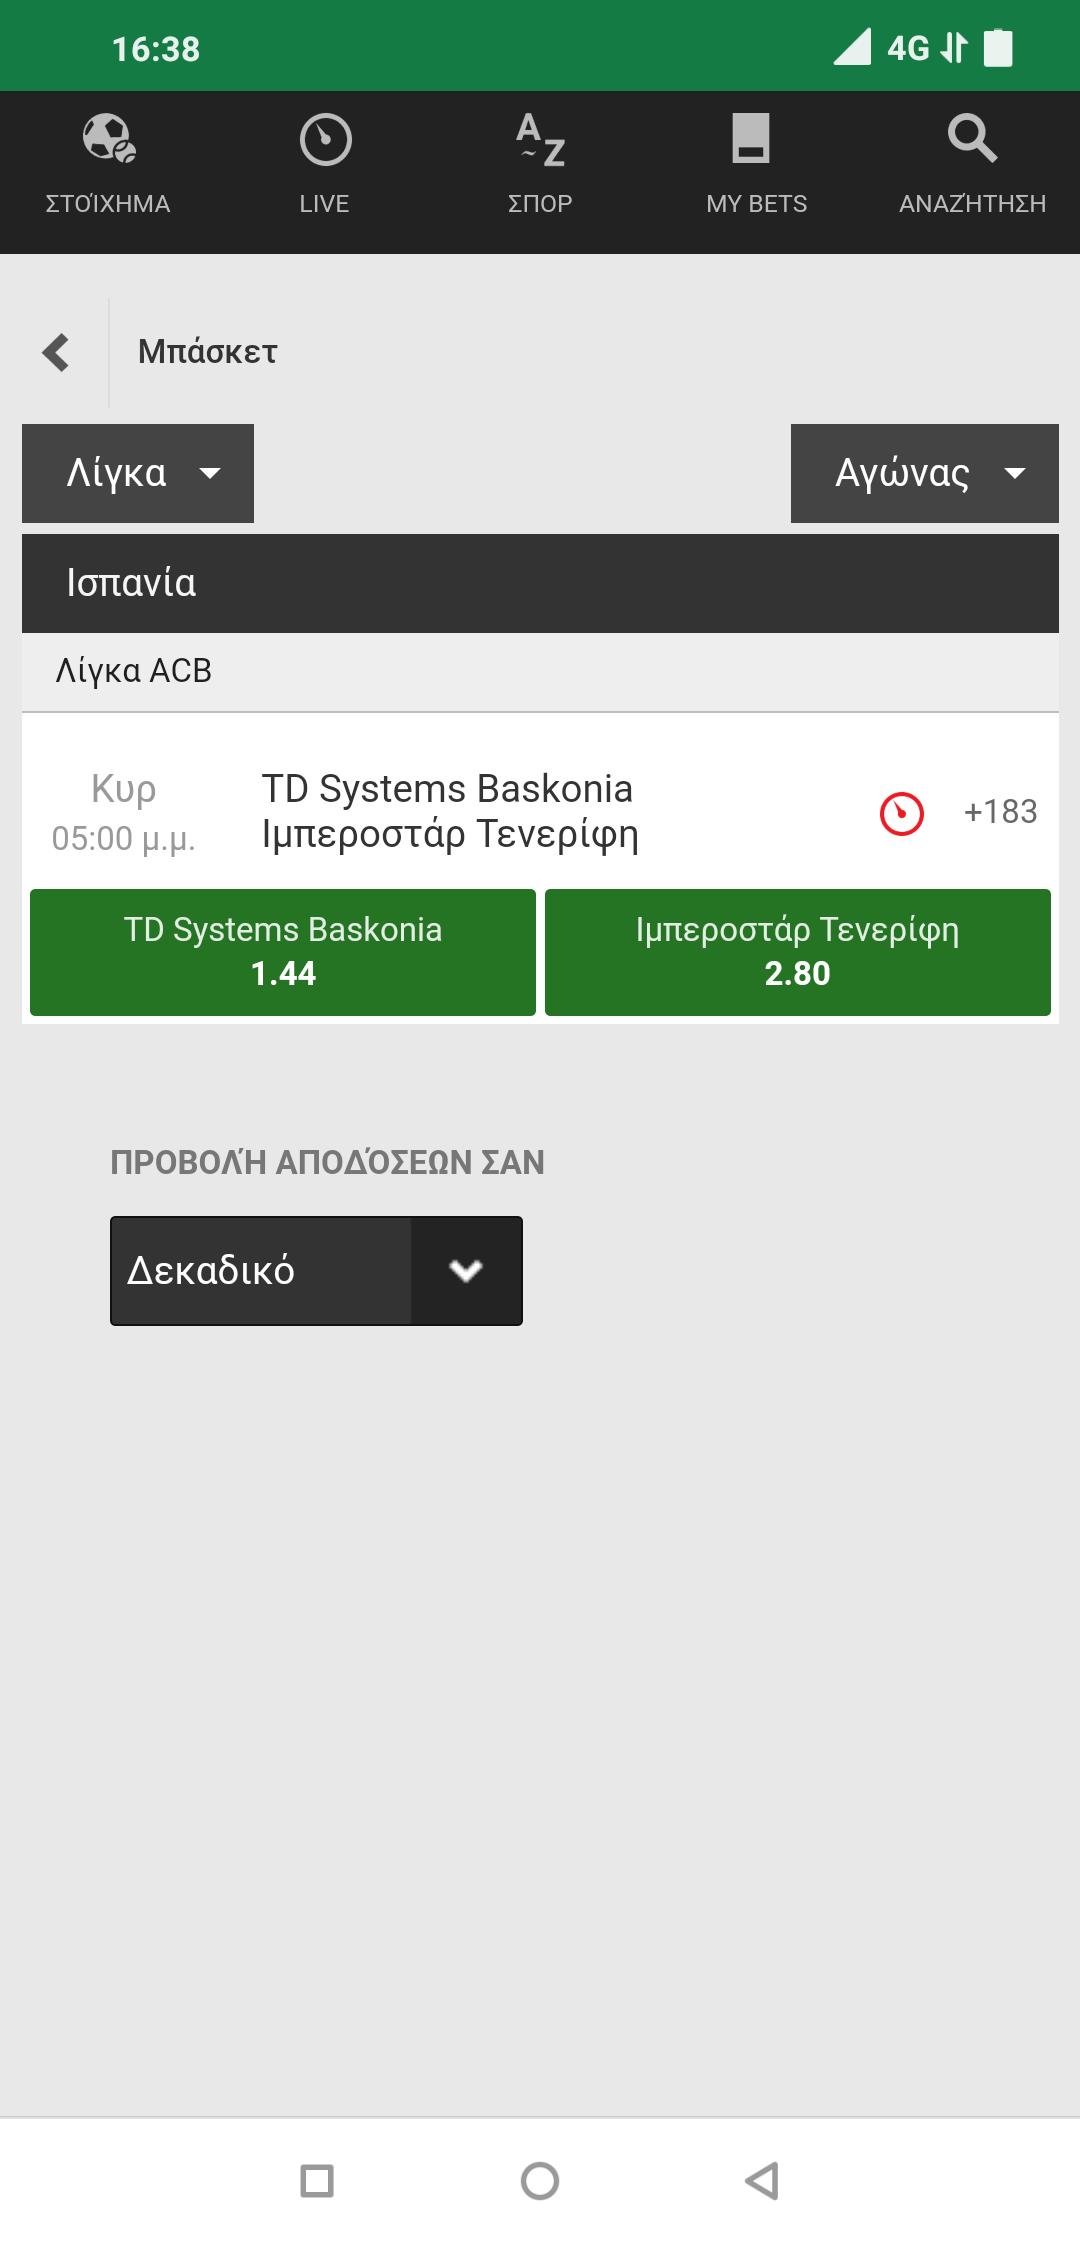 Screenshot_2020-12-20-16-38-07-124_com.android.chrome.png